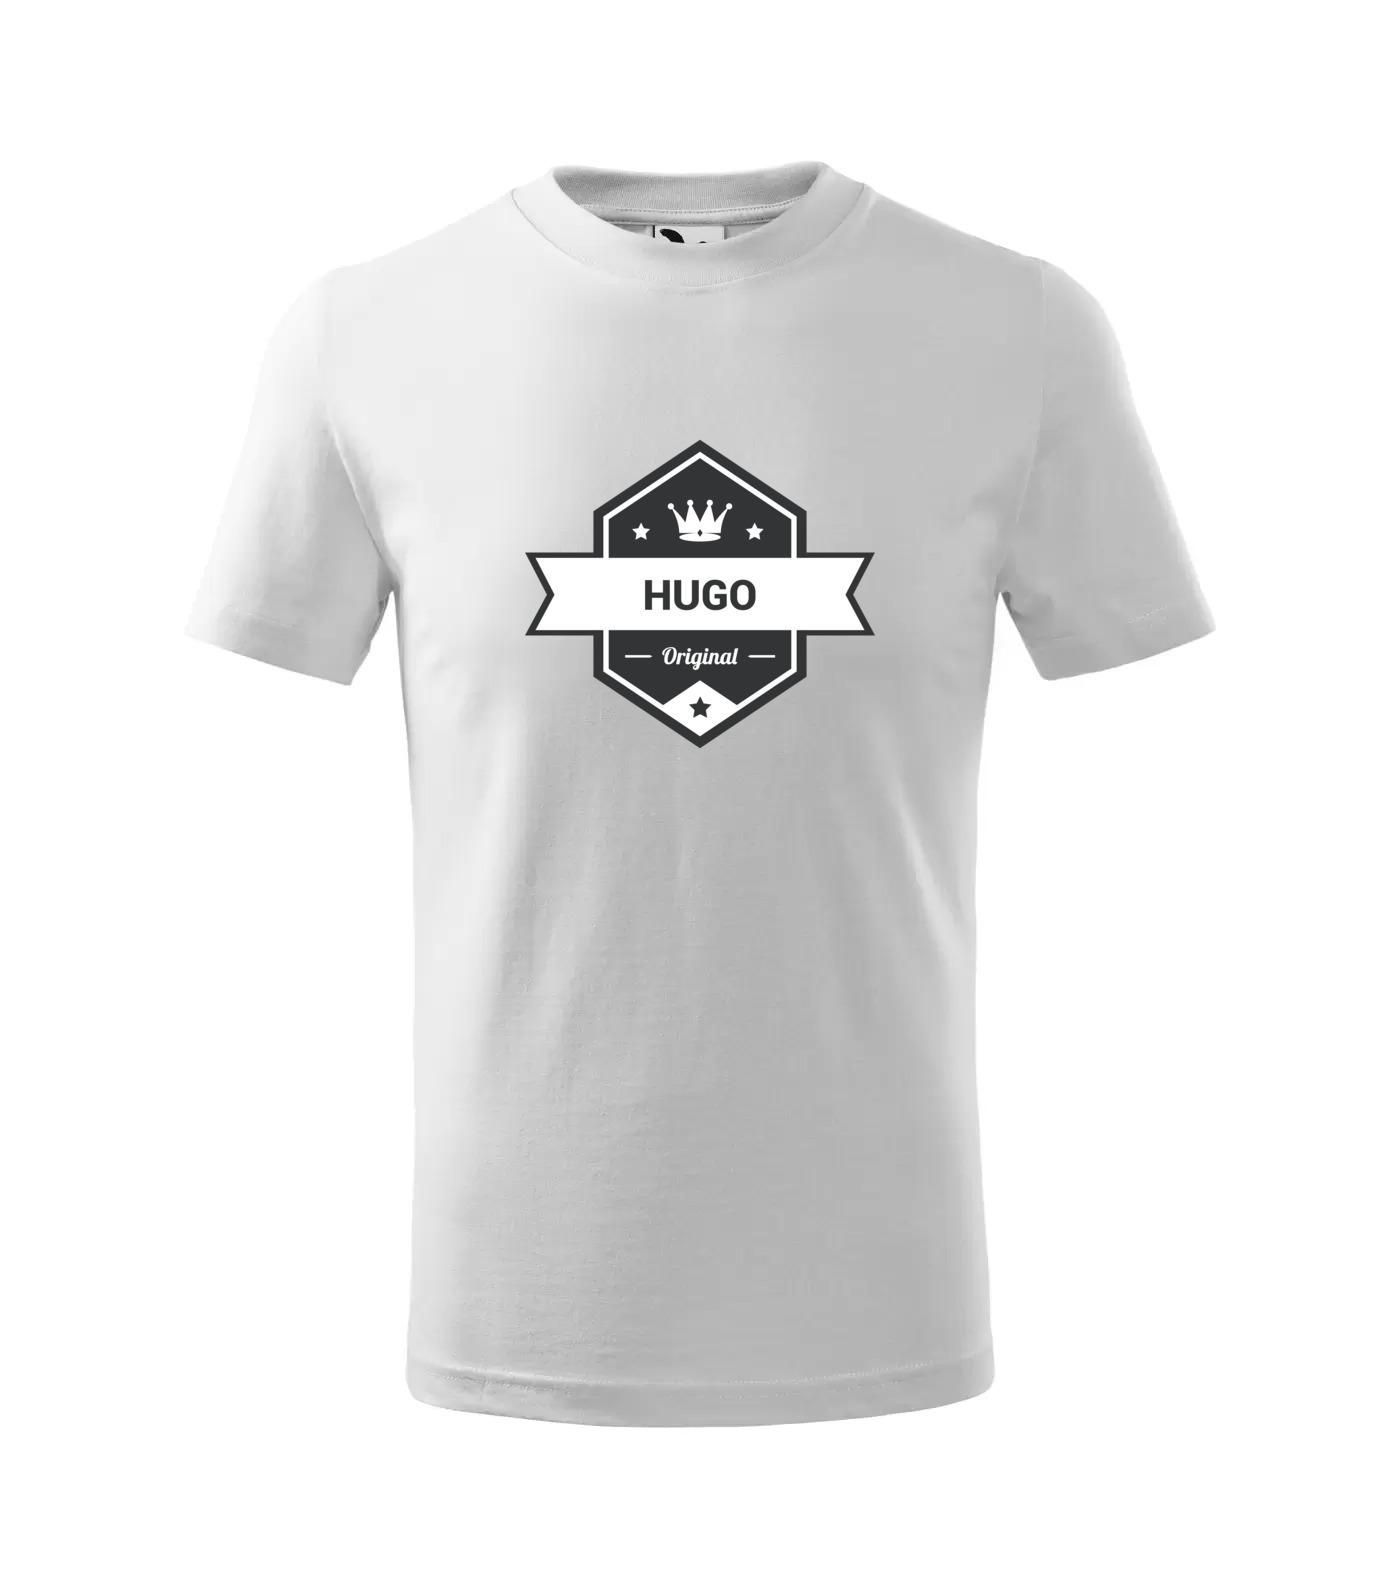 Tričko King Hugo